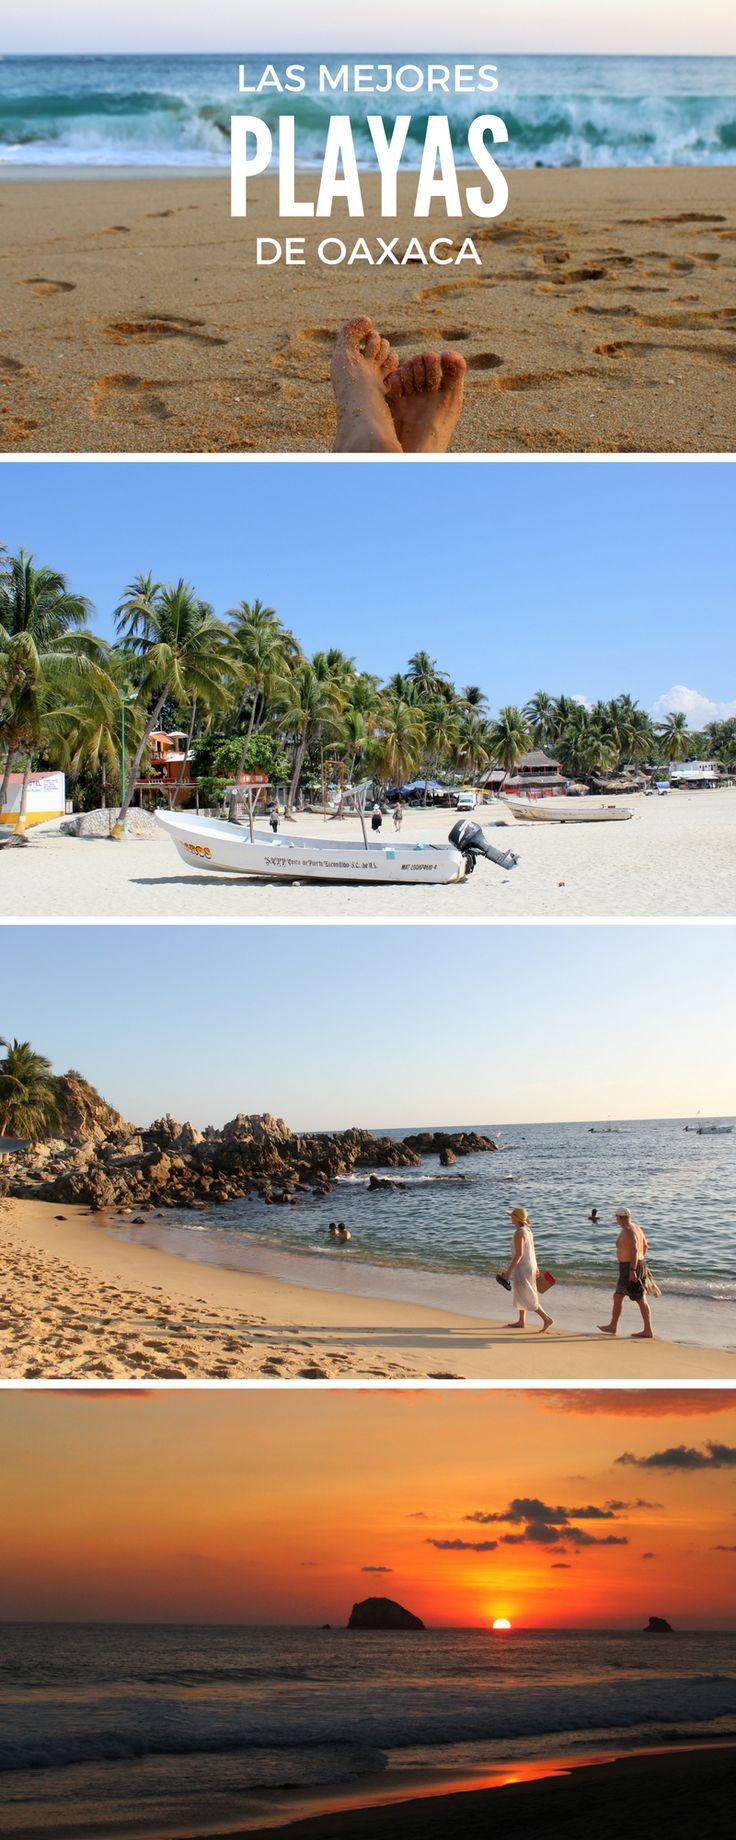 Las mejores playas de Oaxaca!   Fotos por Plan B Viajero   #Mexico #Oaxaca #Playas #Mazunte #Huatulco #Zipolite #Manzanillo